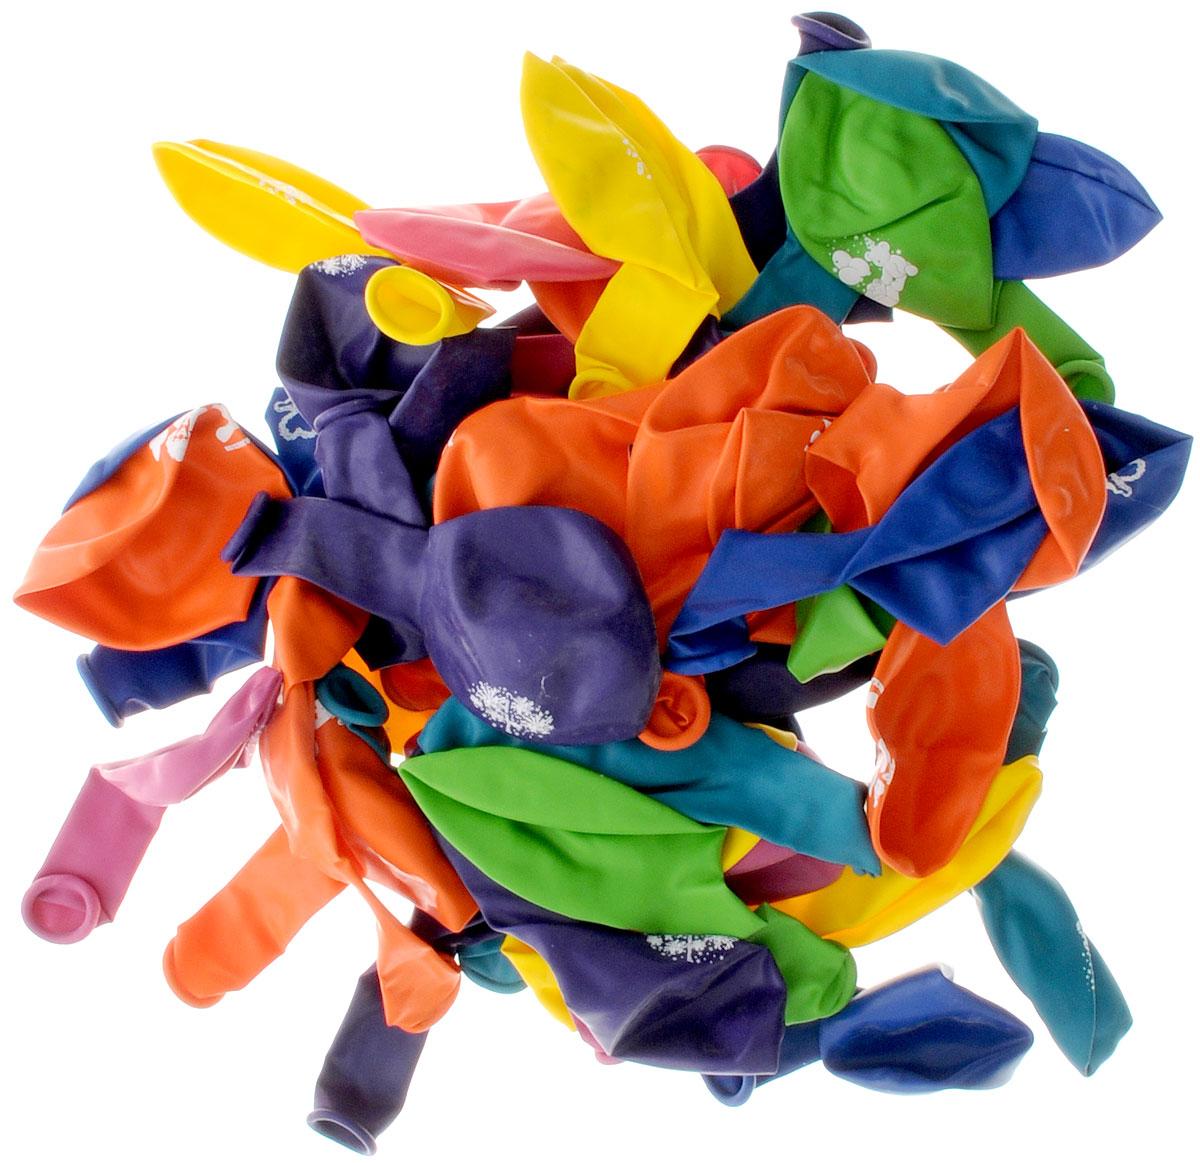 Action! Шары воздушные С Днем Рождения! 25 см 50 штAPI0068/MНабор воздушных шаров Action! С Днем Рождения! поможет вам необычно украсить любое помещение к празднику. Изготовлены из прочного натурального латекса. Разноцветные шарики с рисунком украшены надписью С Днем Рождения. Положительные эмоции и праздничное настроение будут на высоте! В наборе 50 разноцветных шаров.